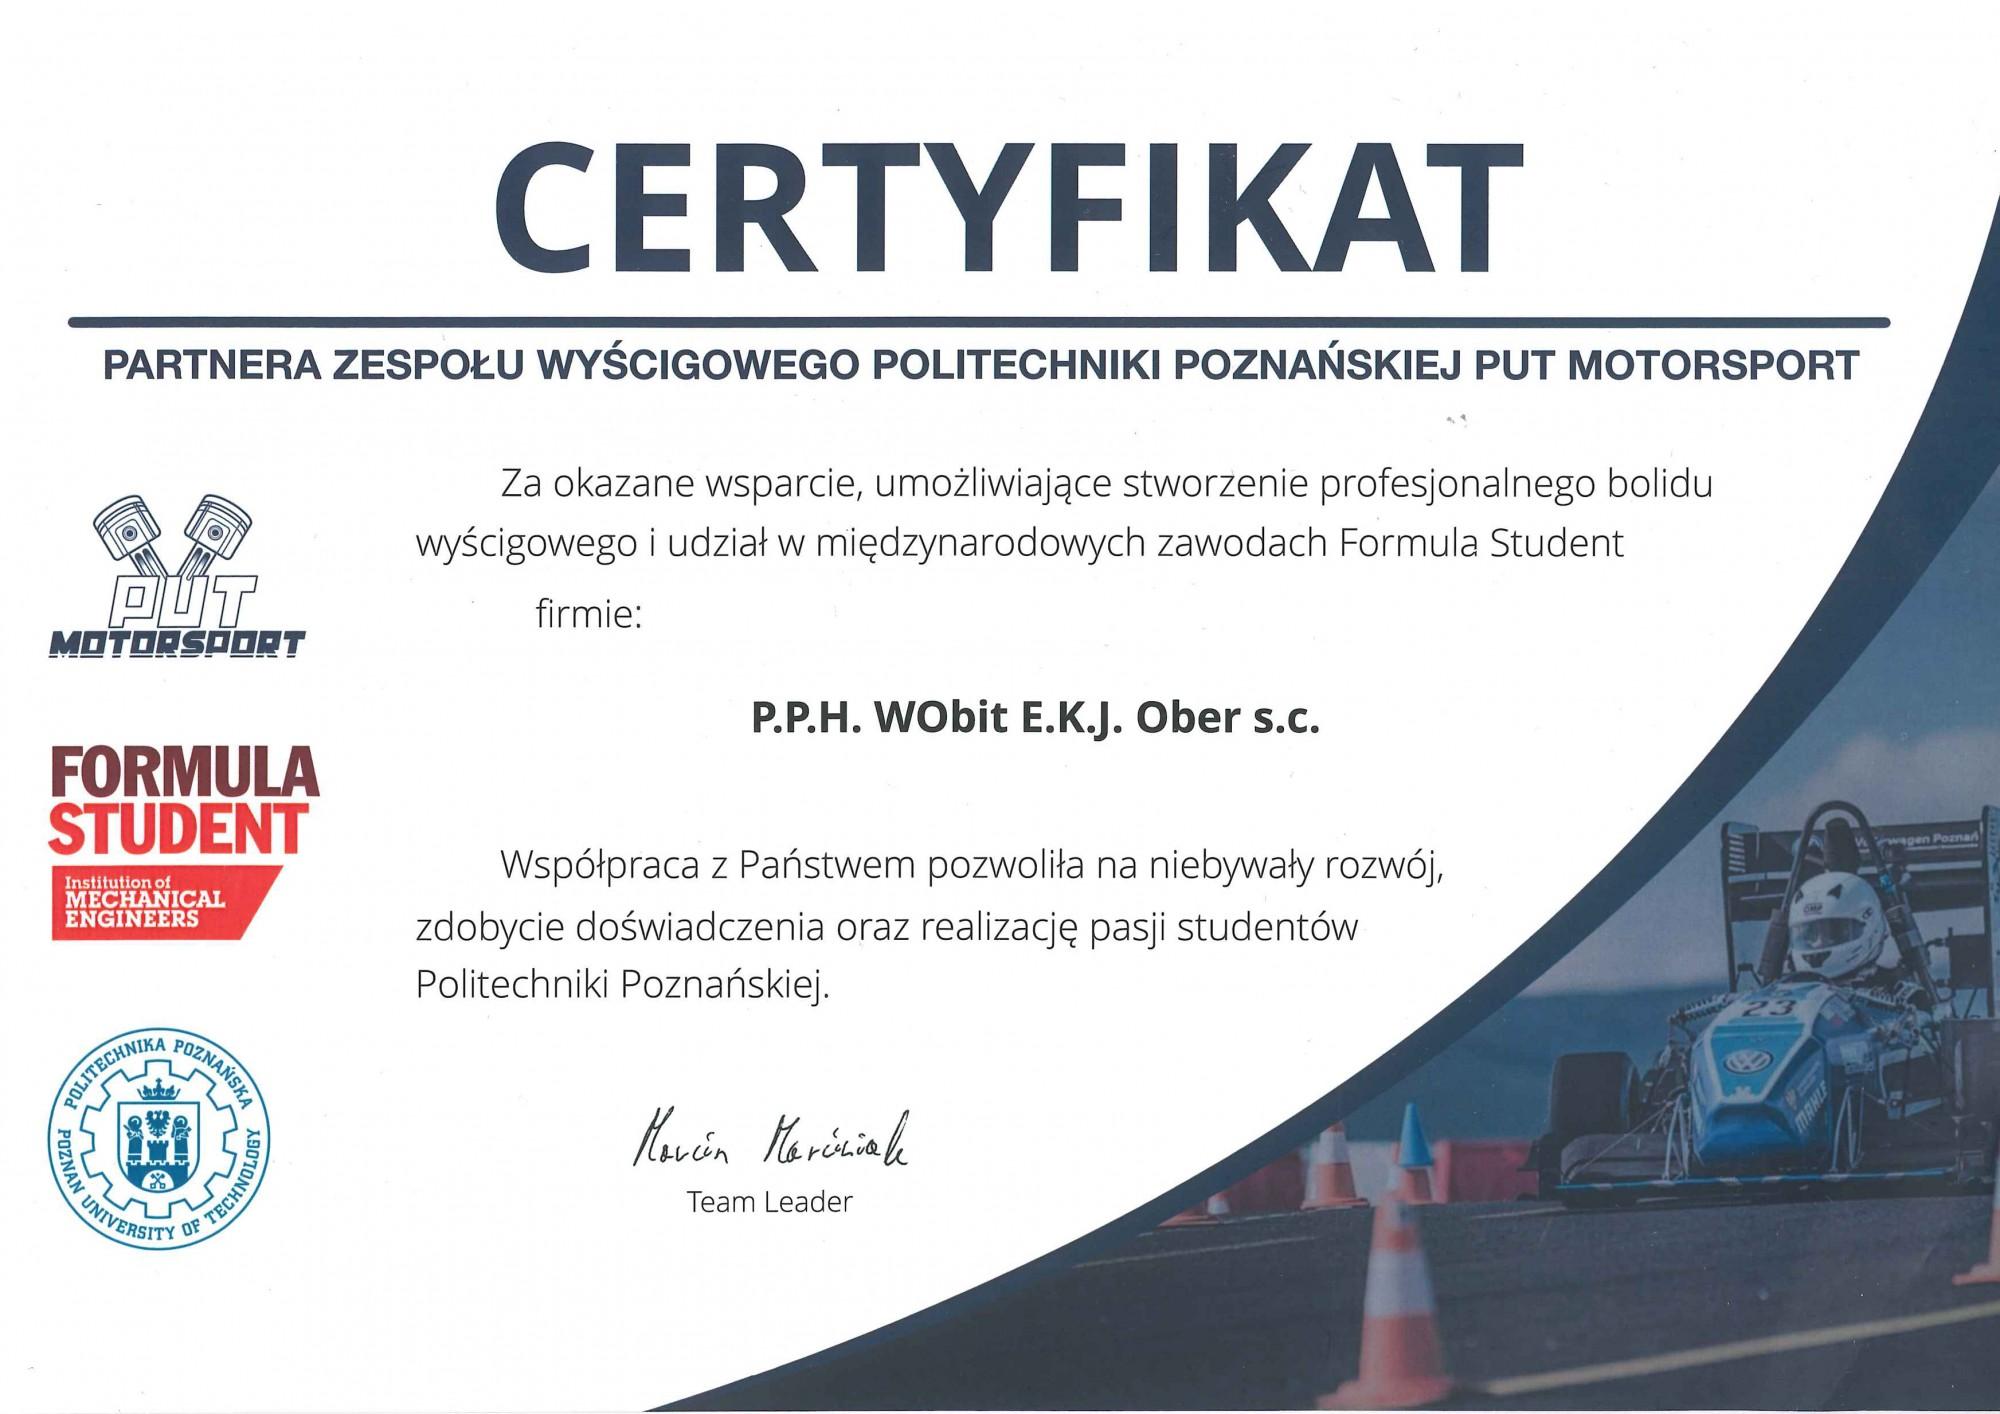 Certyfikat Partnera Zespołu Wyścigowego Politechniki Poznańskiej PUT Motorsport